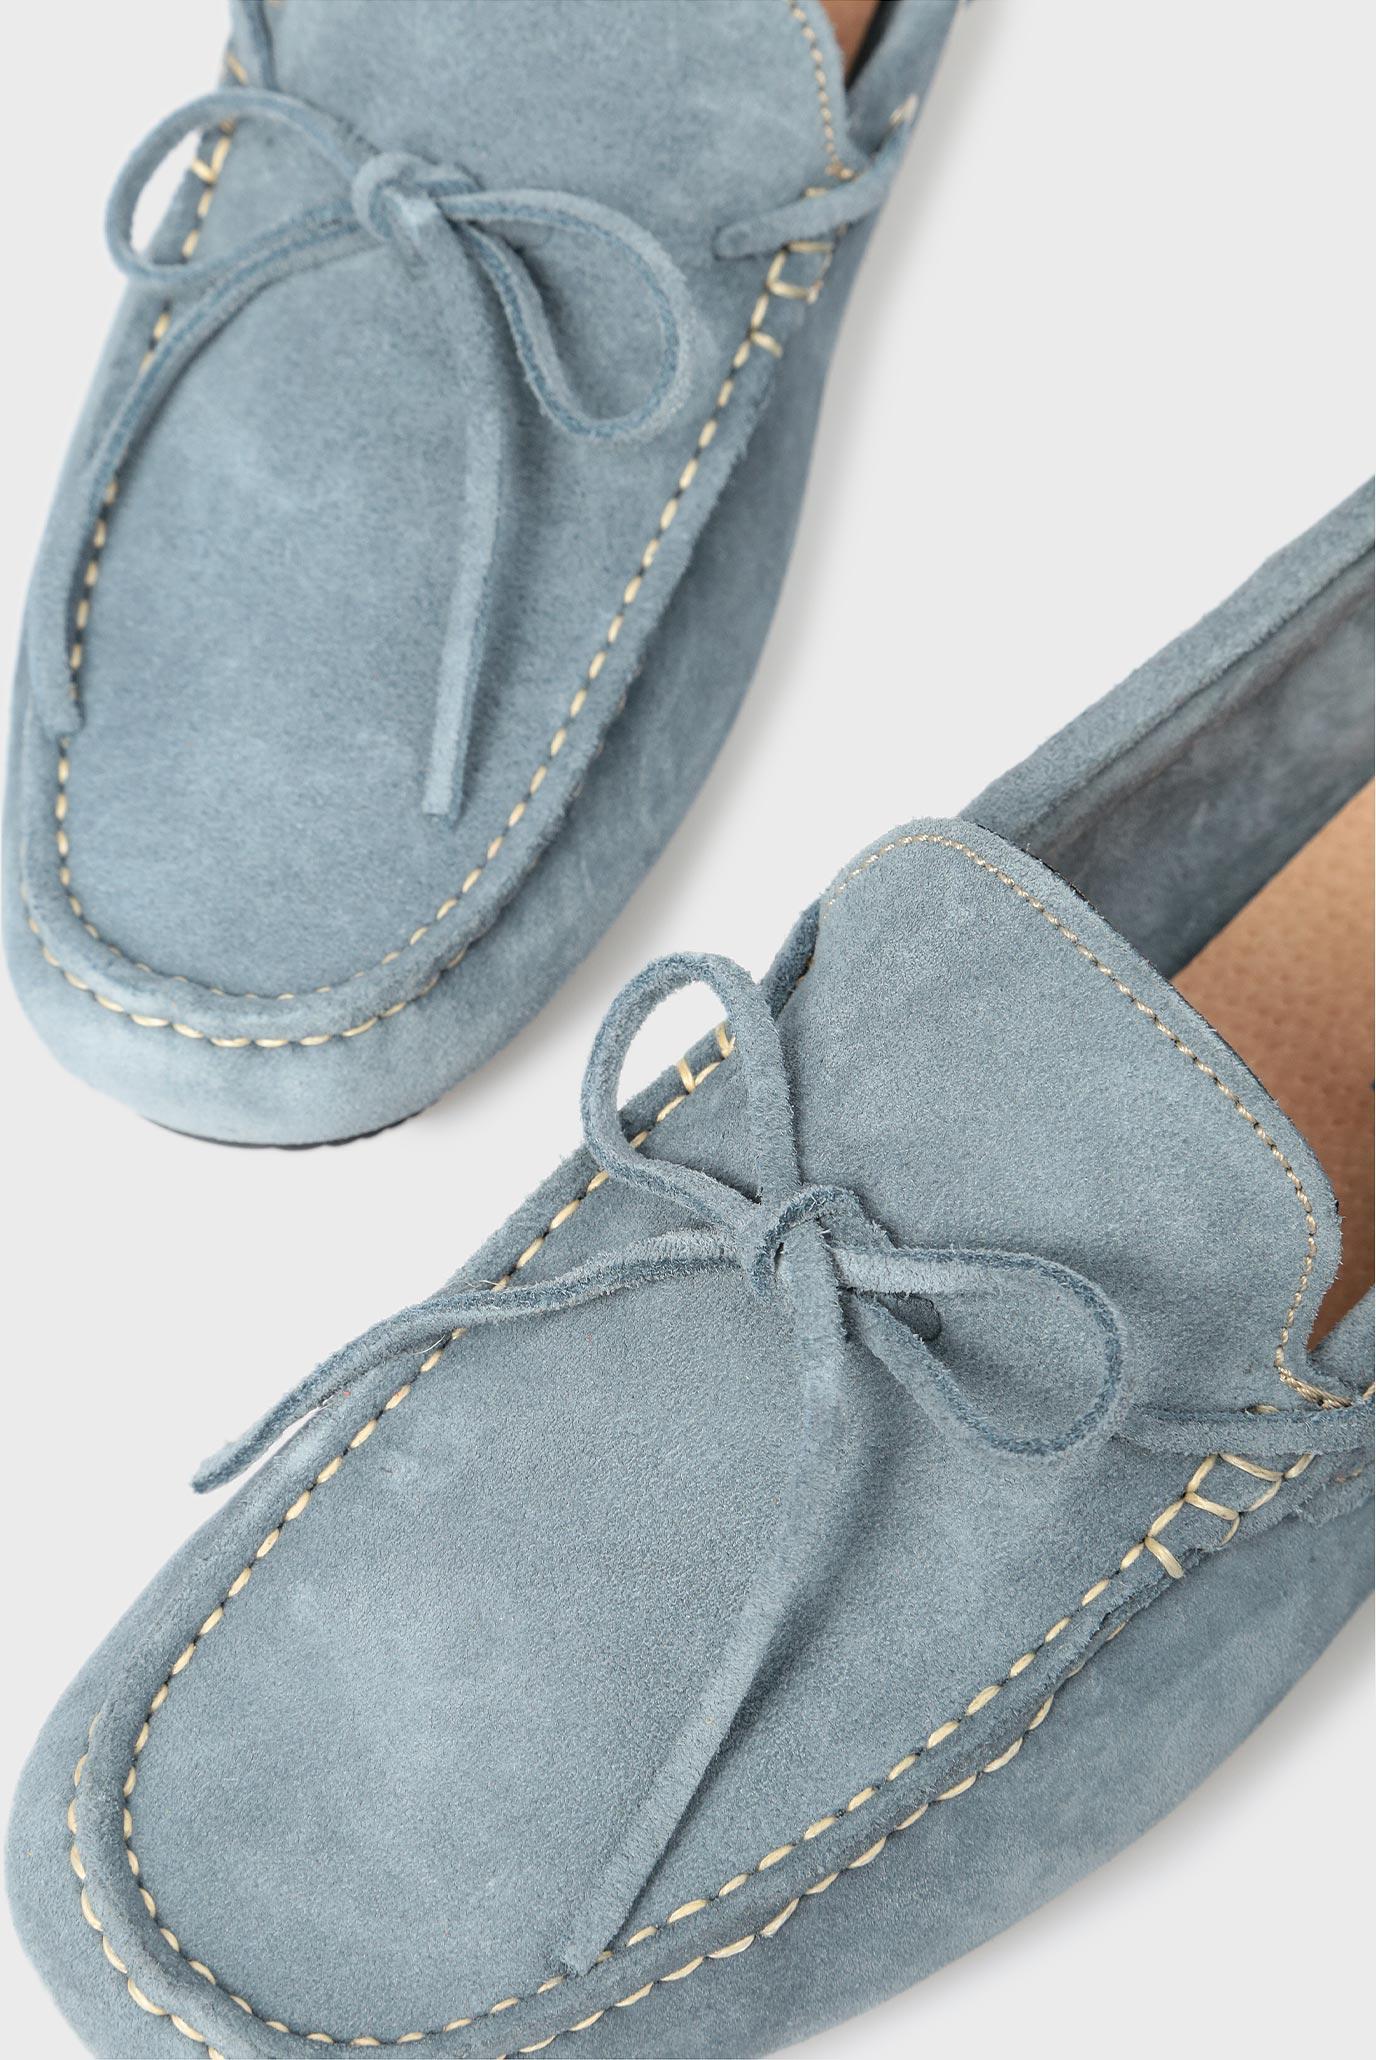 Купить Мужские голубые замшевые мокасины Preppy Preppy 6.34.32300.419 – Киев, Украина. Цены в интернет магазине MD Fashion